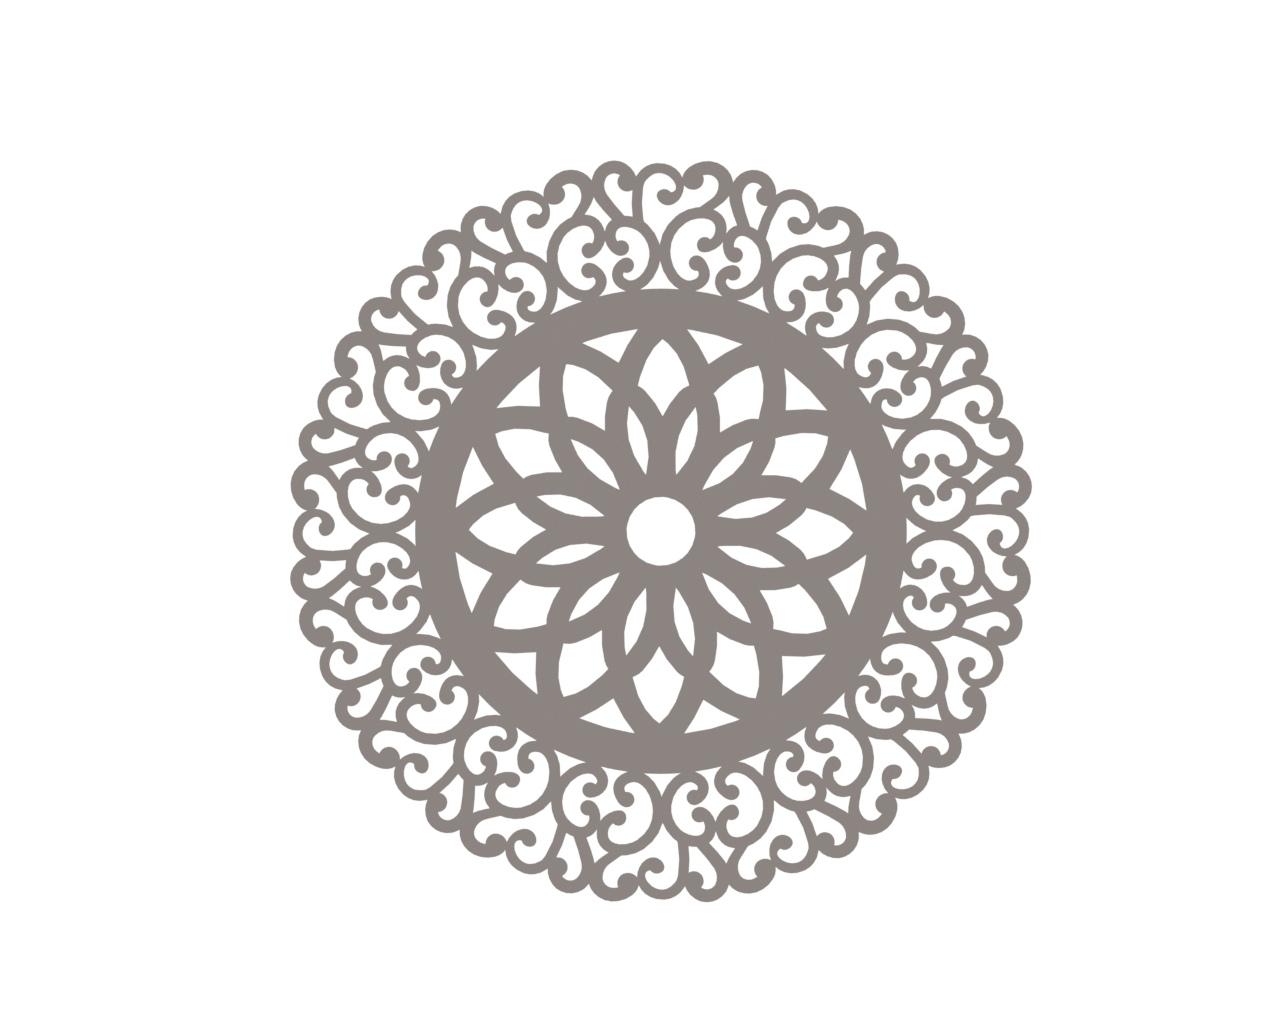 Mandala vector of circle art Free Vector